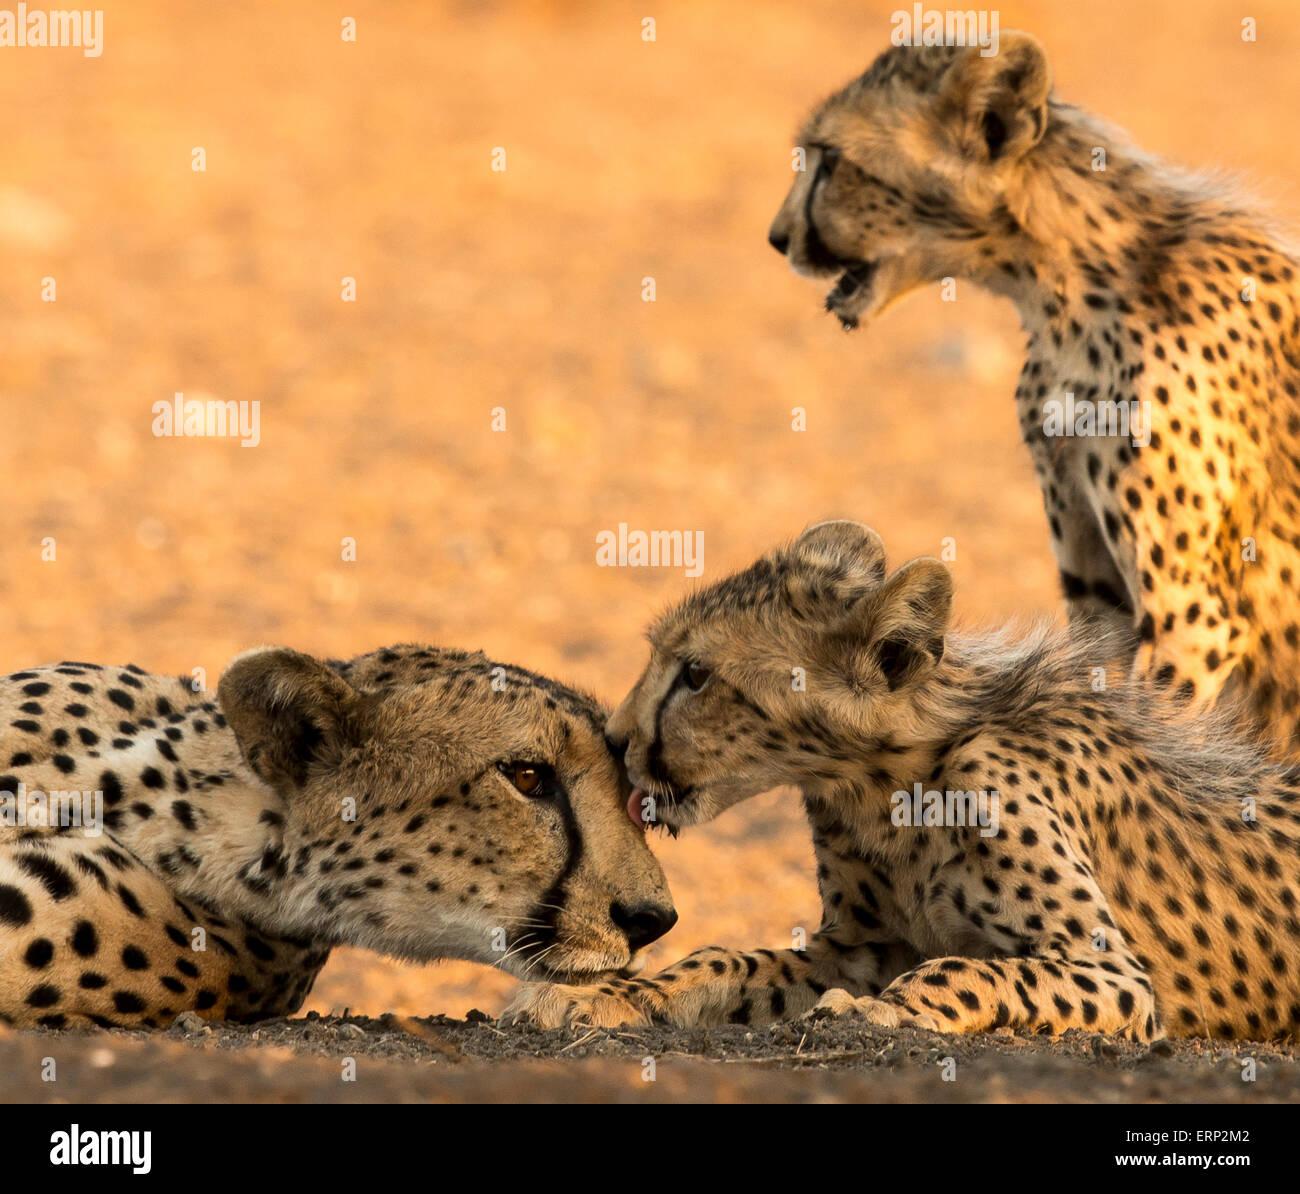 Ghepardo femmina adulta e lupetti toelettatura (Acinonyx jubatus) Malilangwe Riserva Naturale dello Zimbabwe Africa Immagini Stock